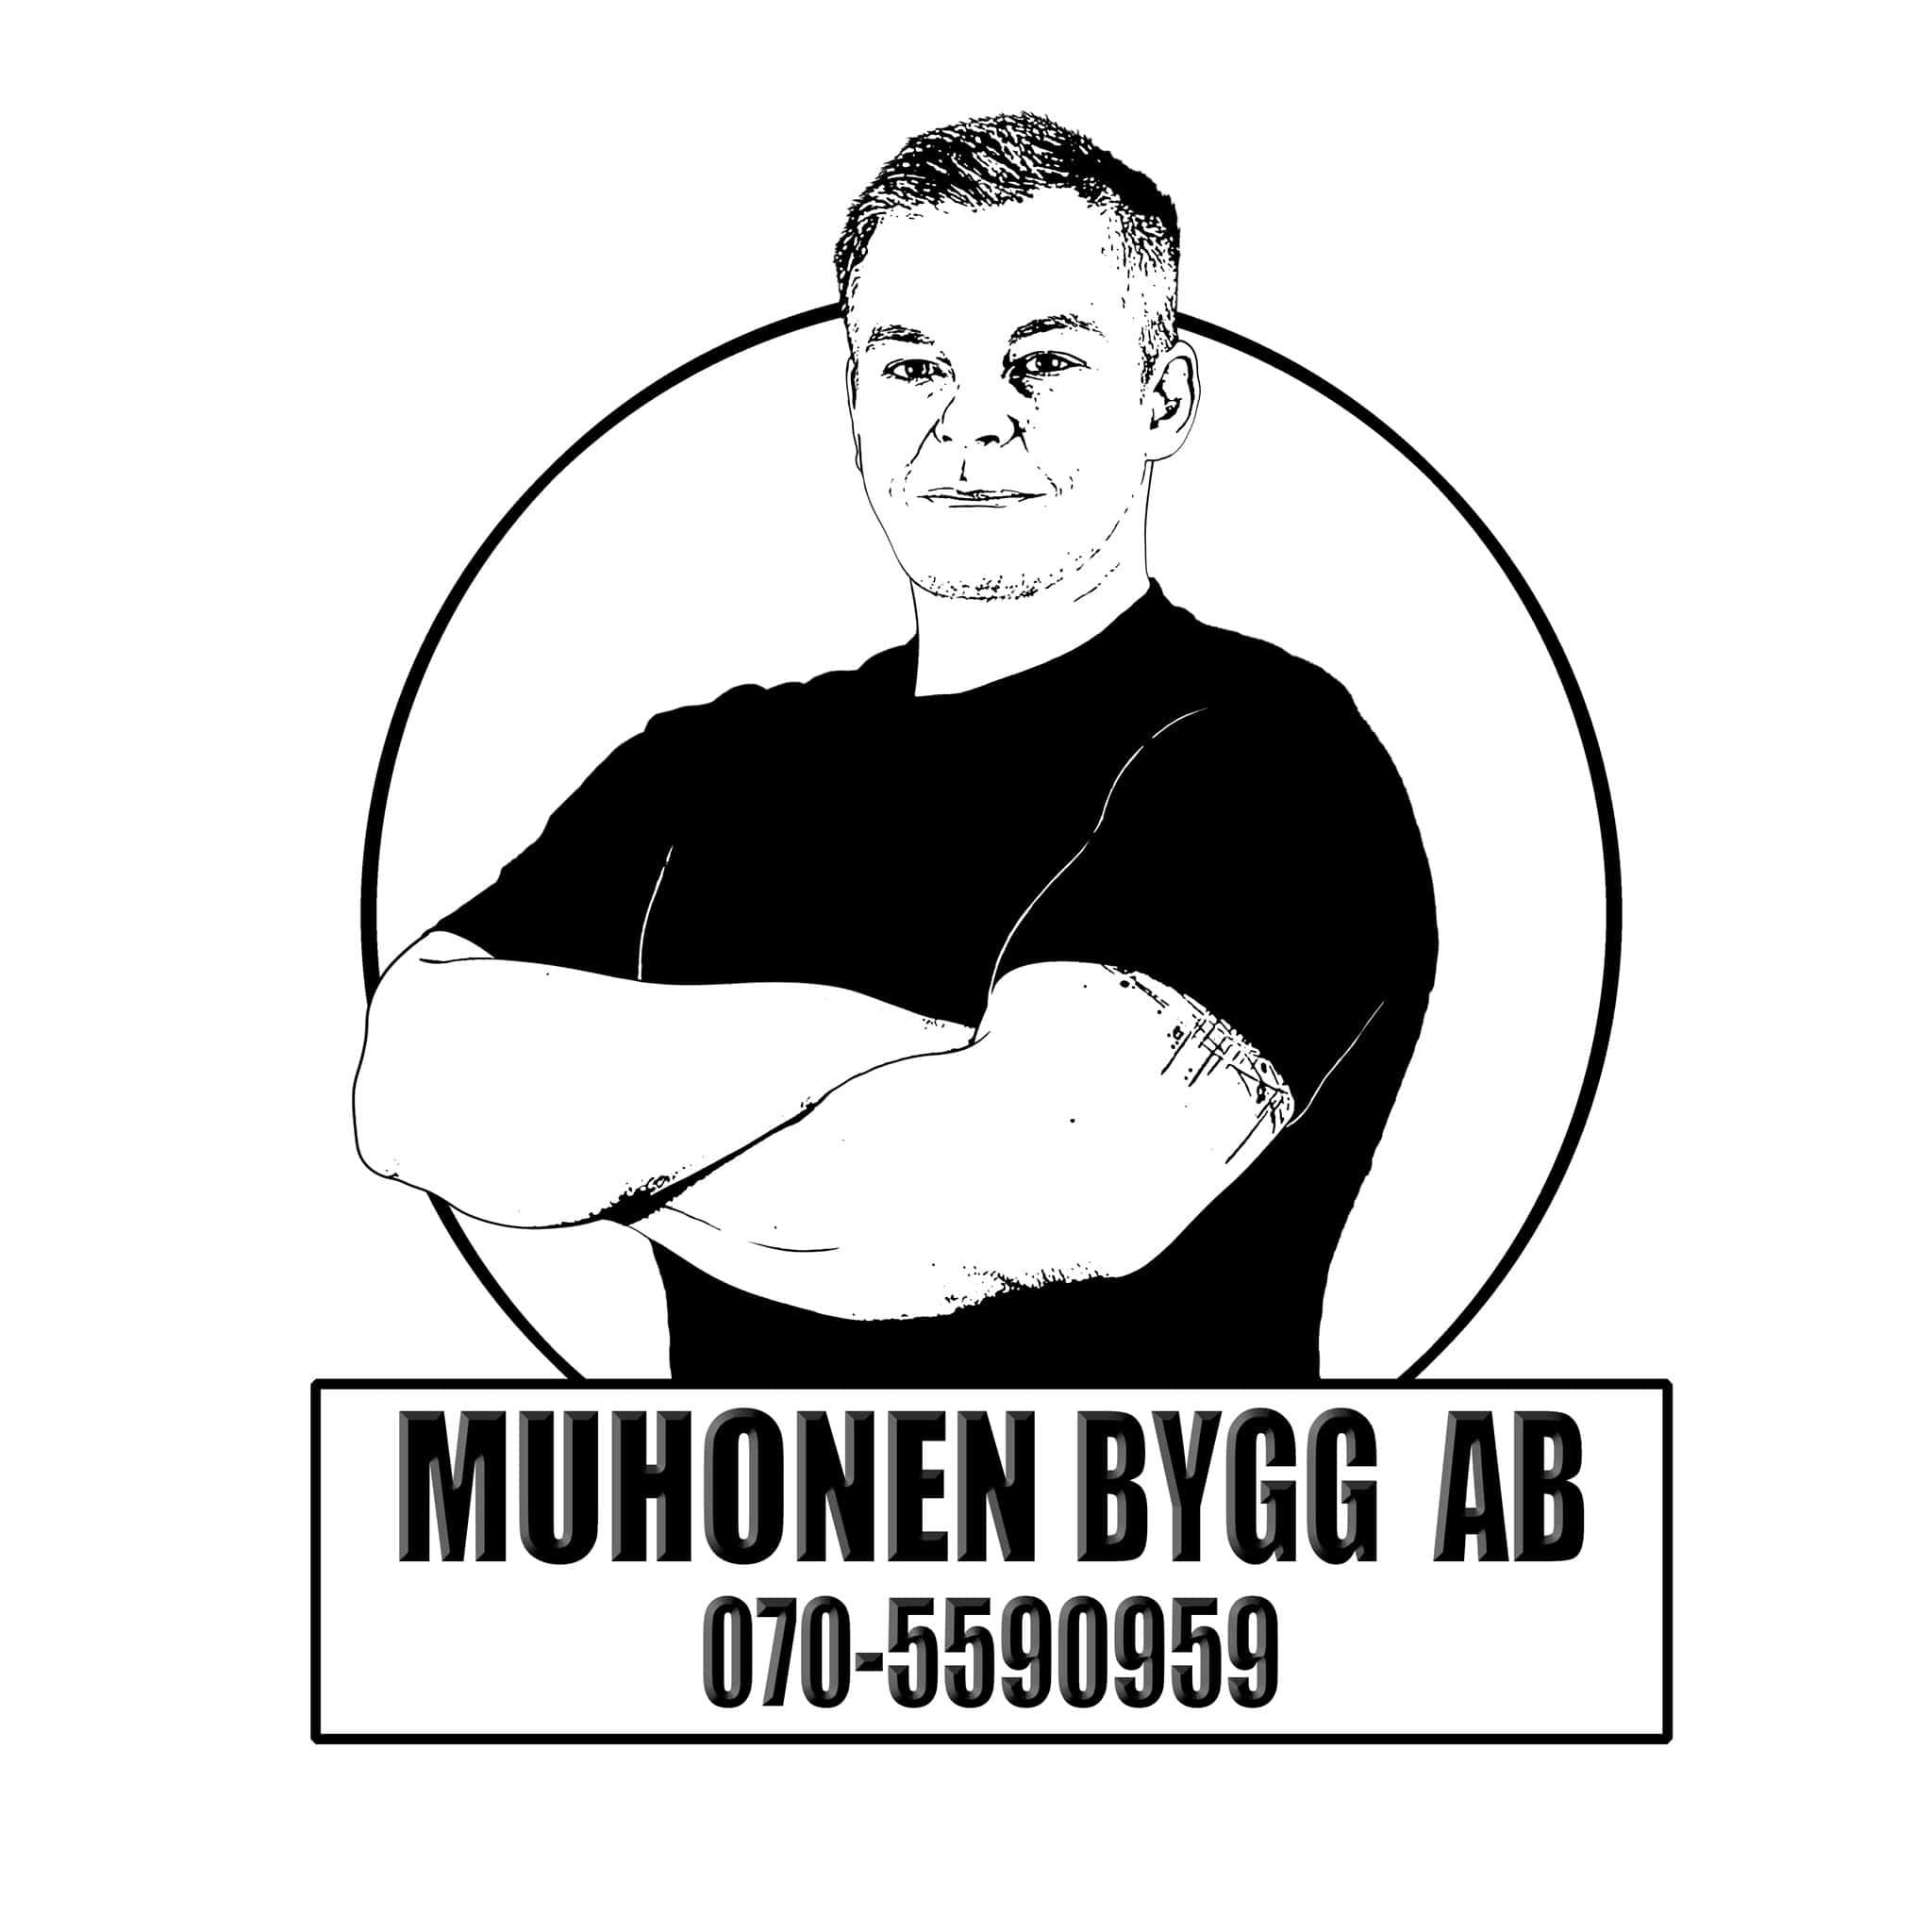 Logotyp för MUHONEN BYGG AB